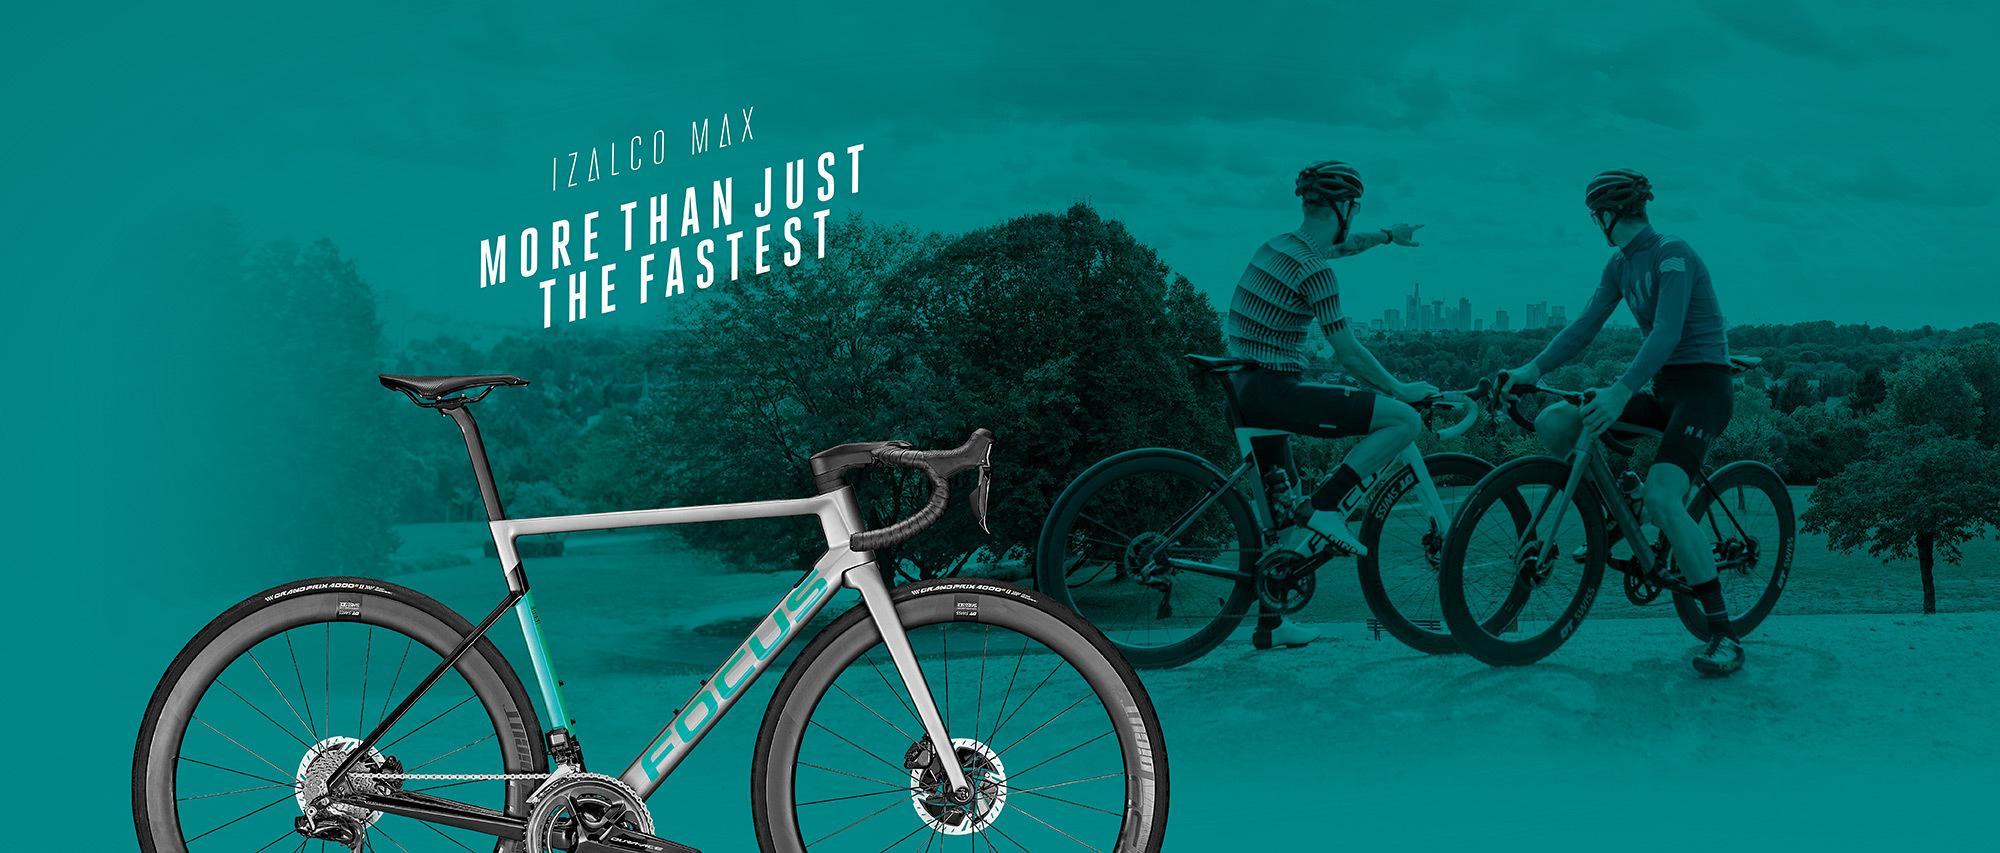 Das FOCUS Bikes IZALCO MAX Aero-Rennrad ist mehr als nur das Schnellste.